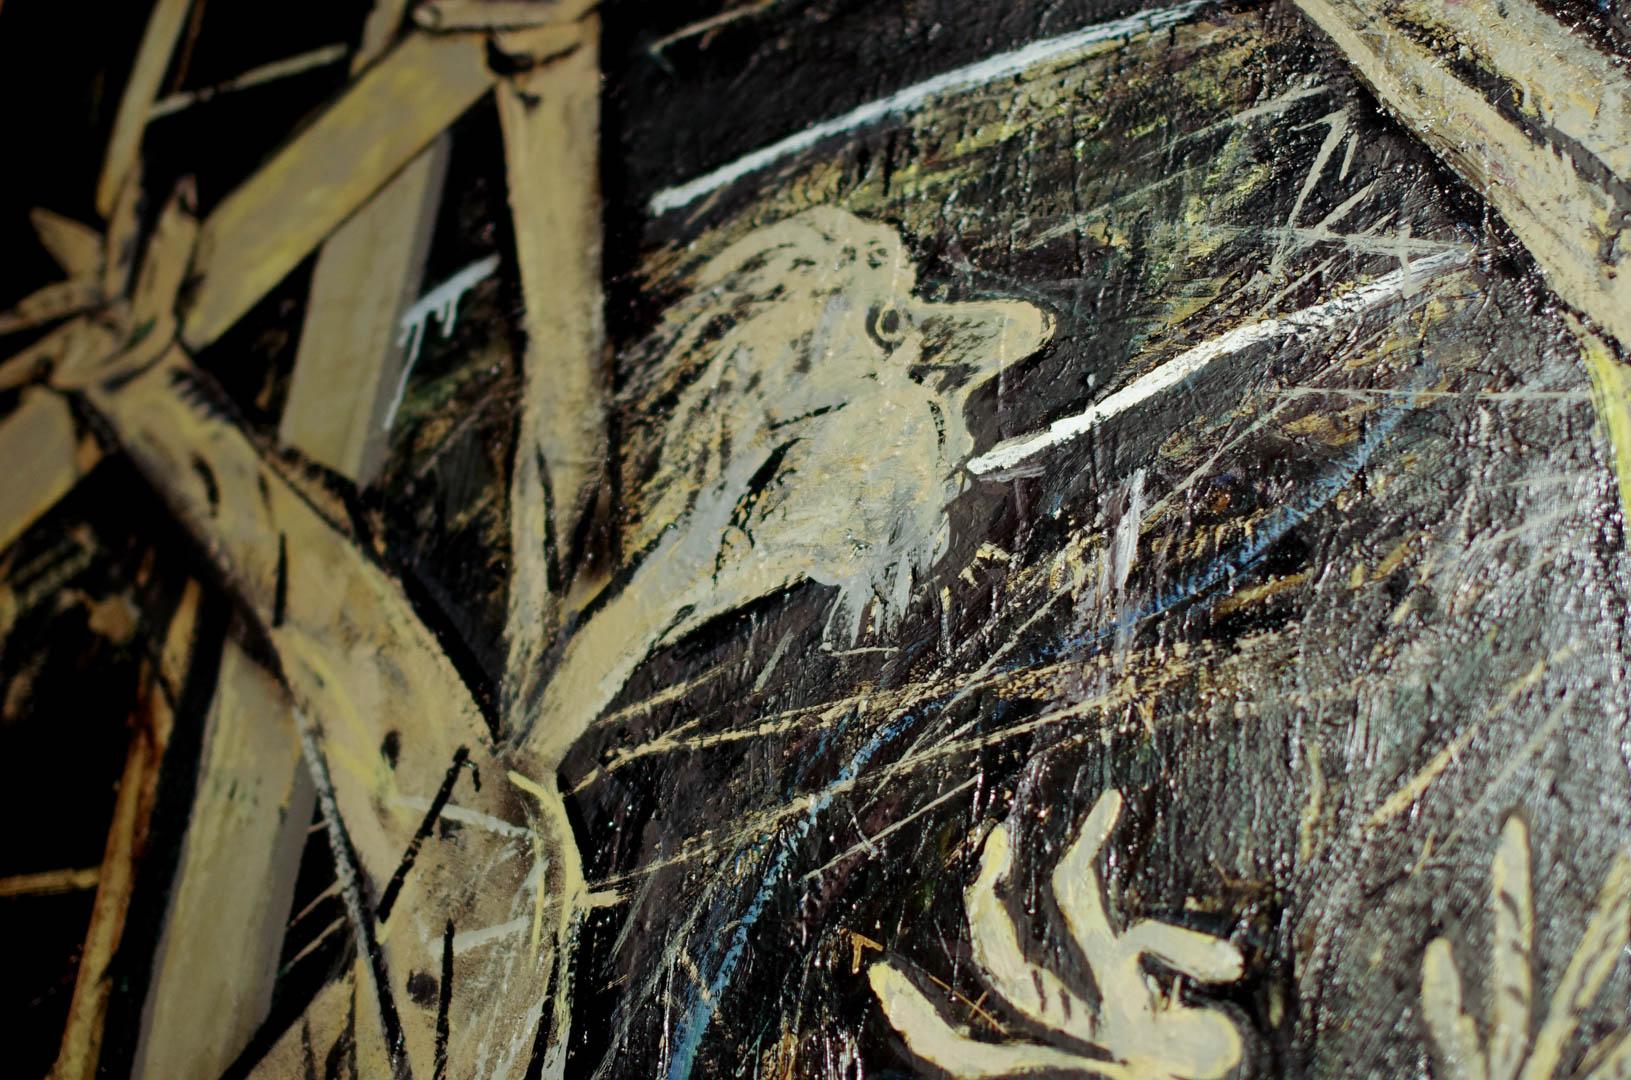 centre d'art sacre de lille crucifixions cathedrale notre dame de la treille 6057